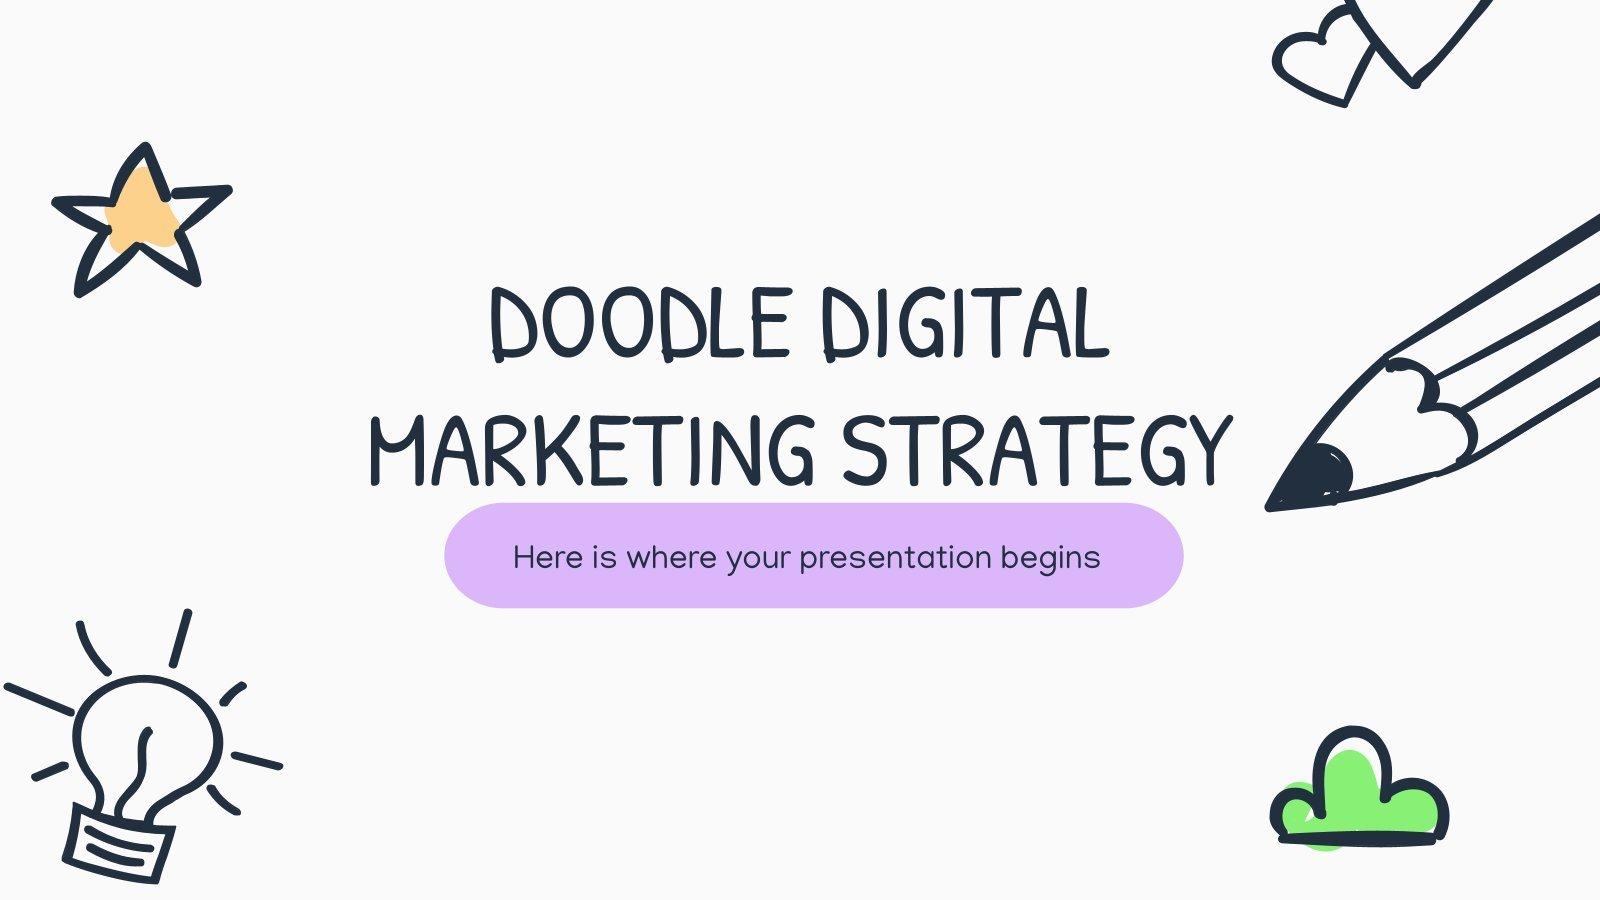 Stratégie de marketing numérique avec des doodles : Modèles de présentation